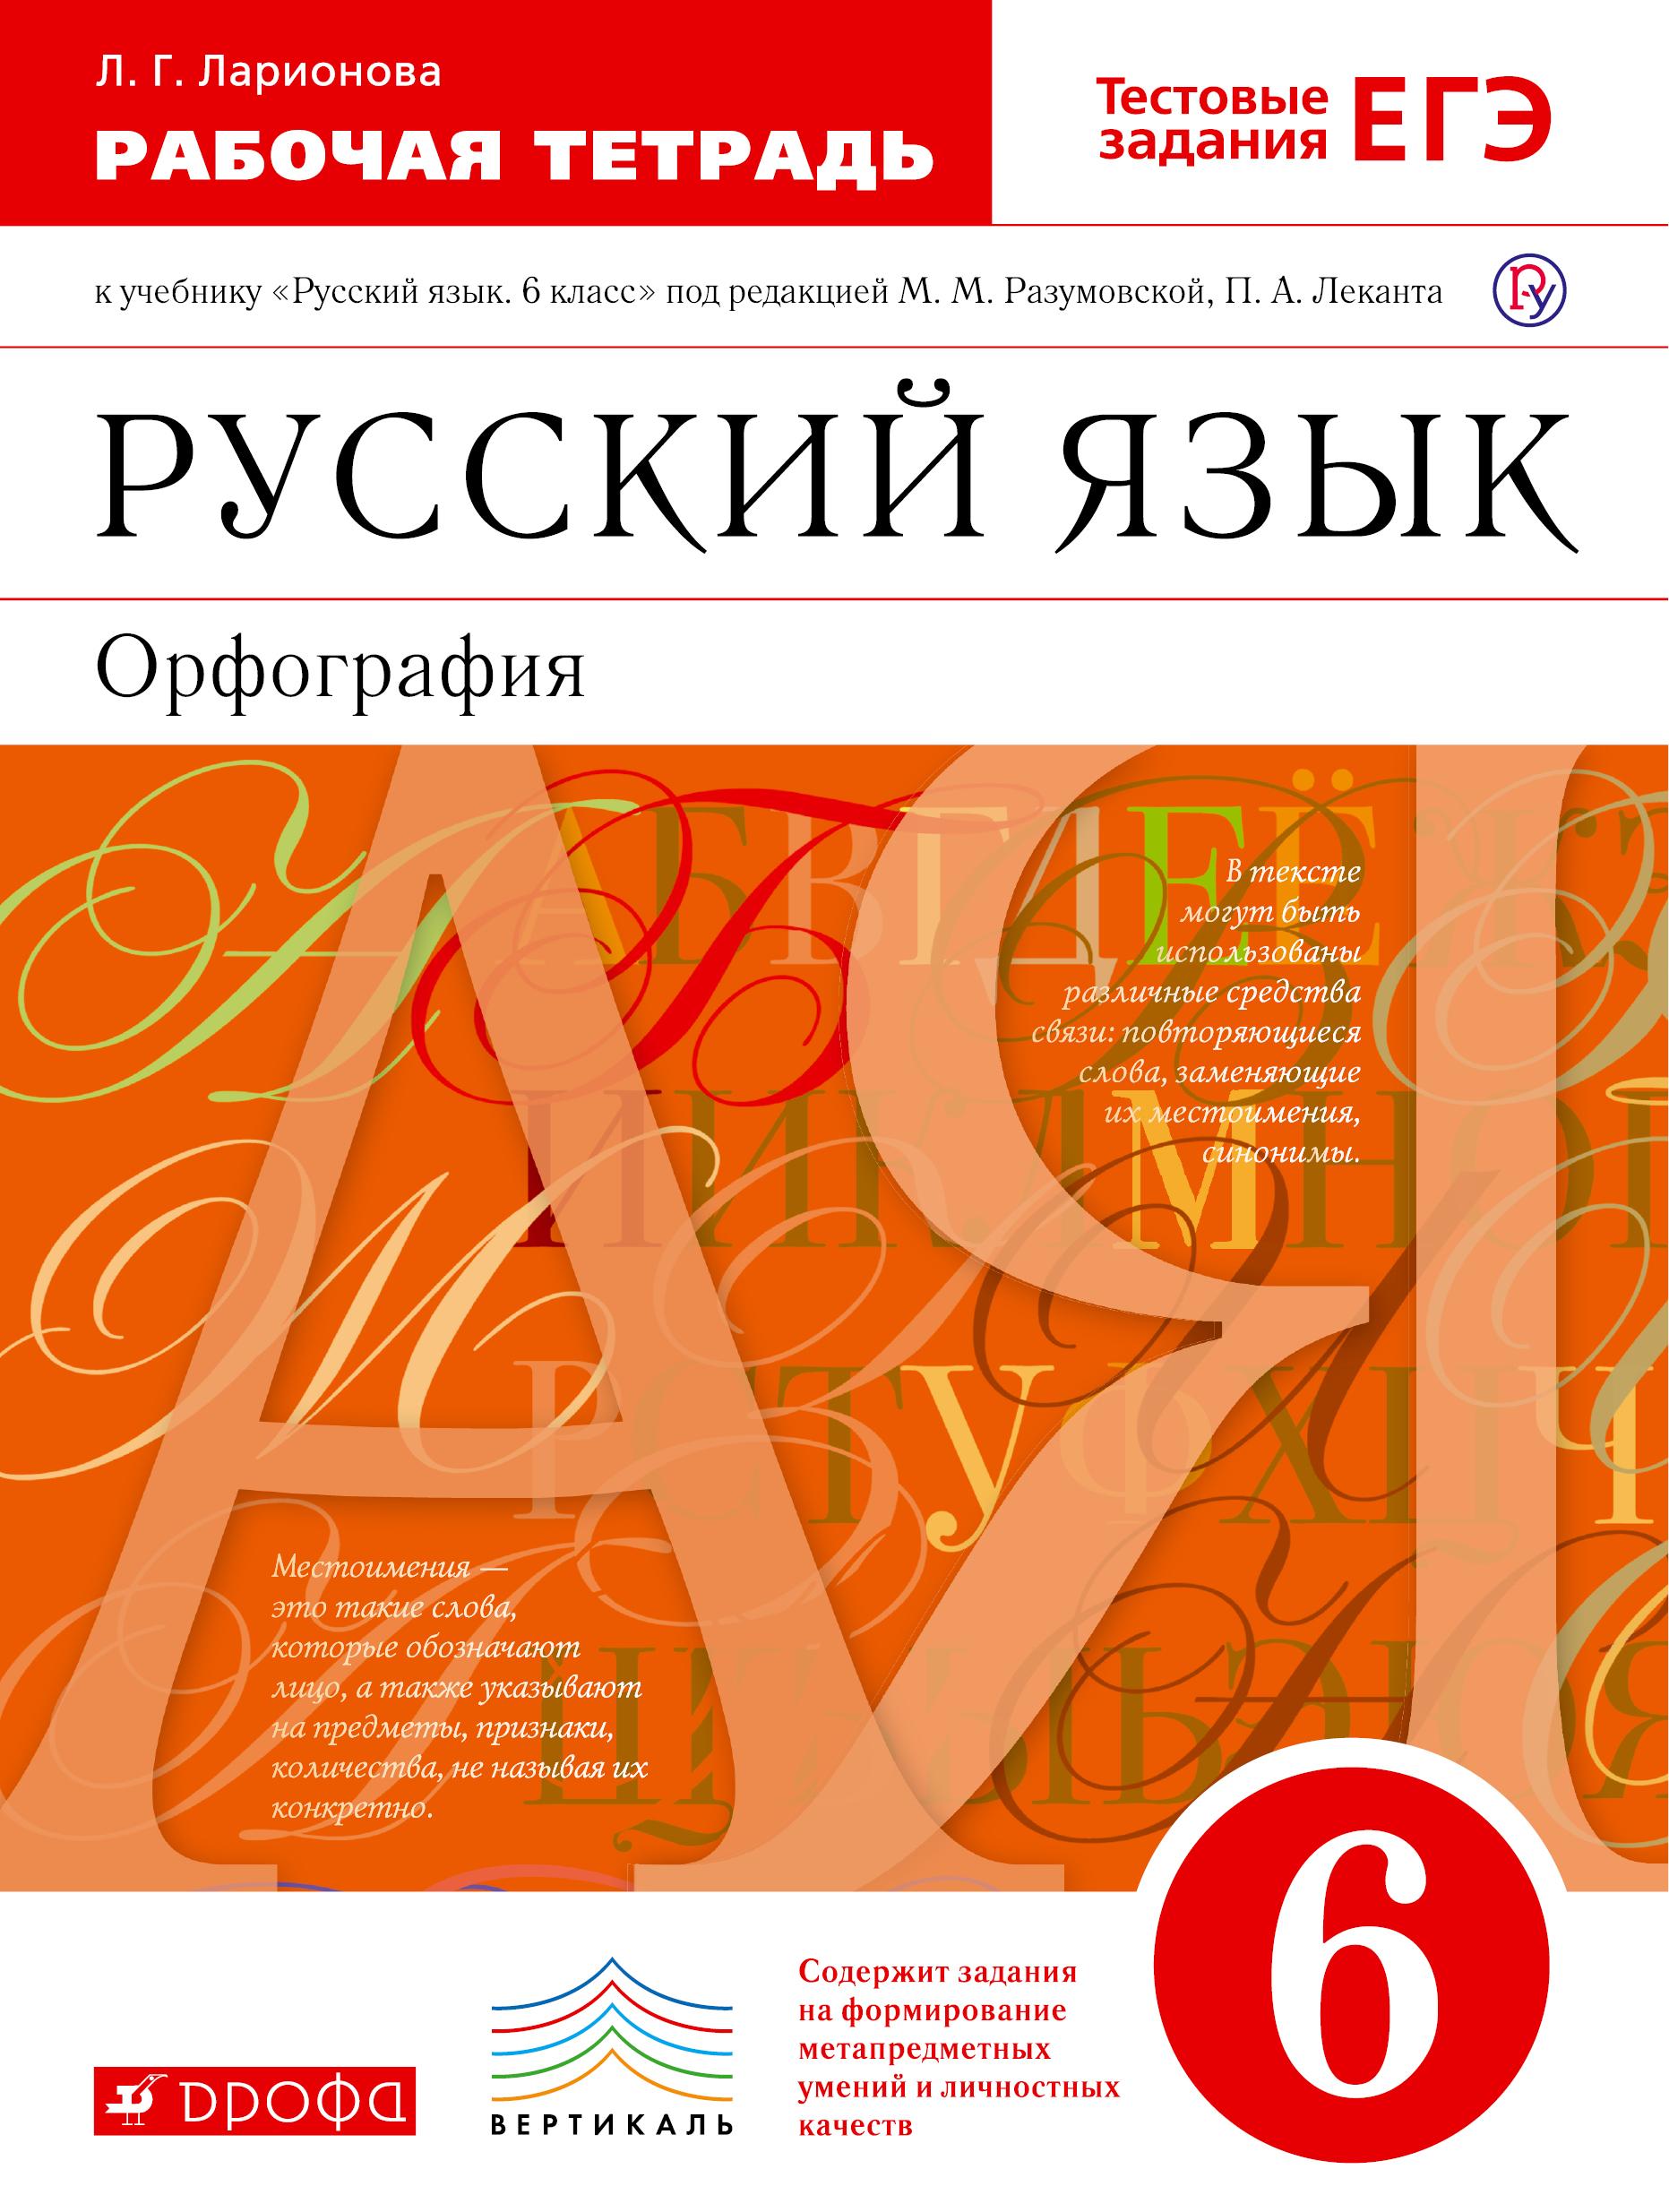 Русский язык.6 класс. Рабочая тетрадь с тестовыми заданиями